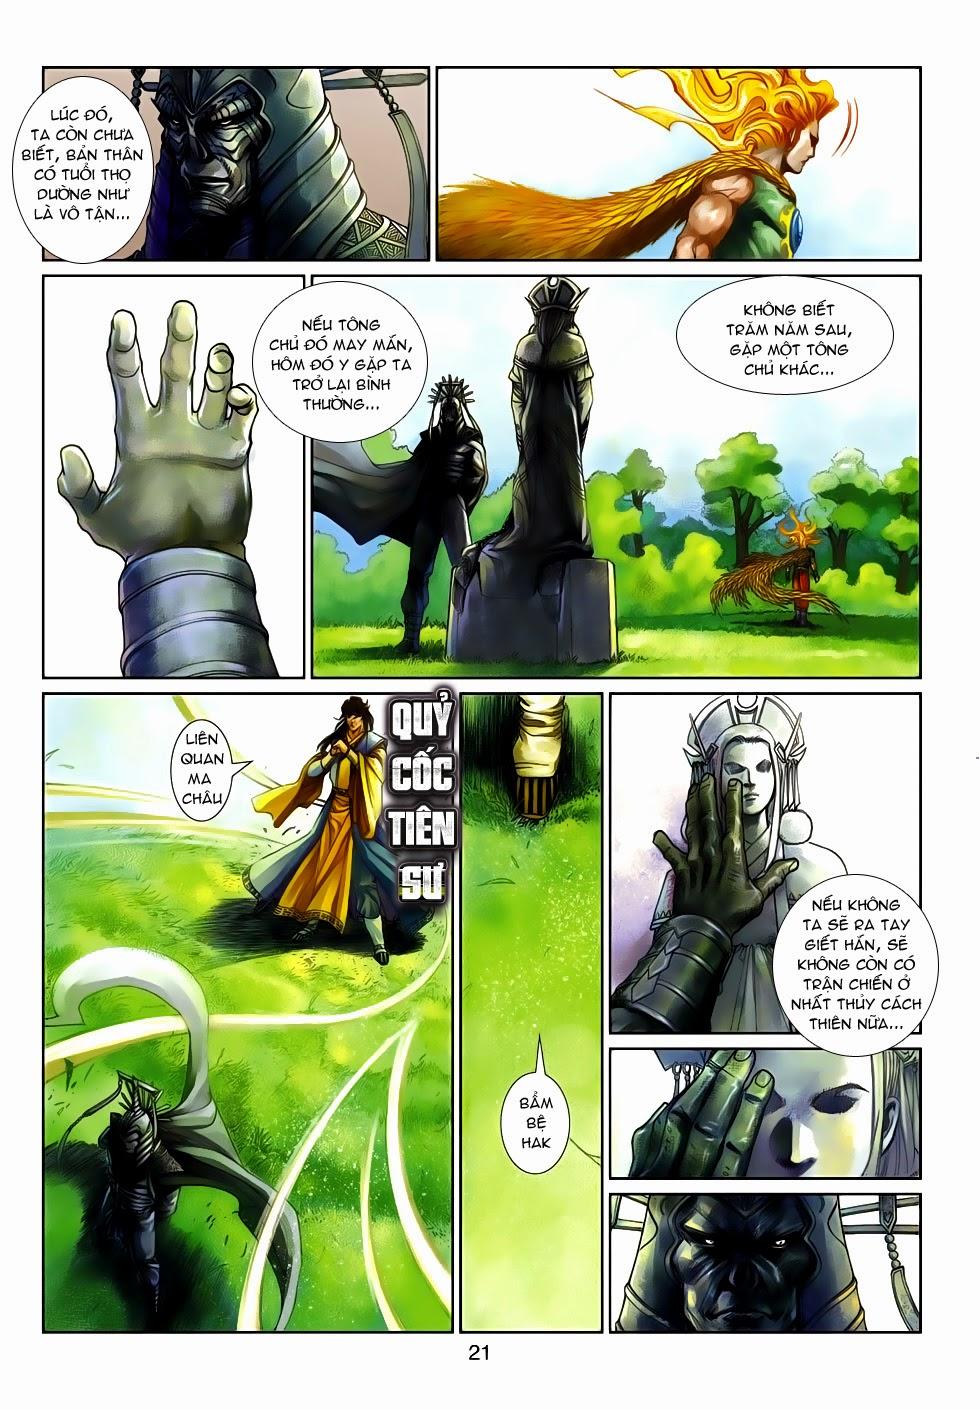 Thần Binh Tiền Truyện 4 - Huyền Thiên Tà Đế chap 14 - Trang 21